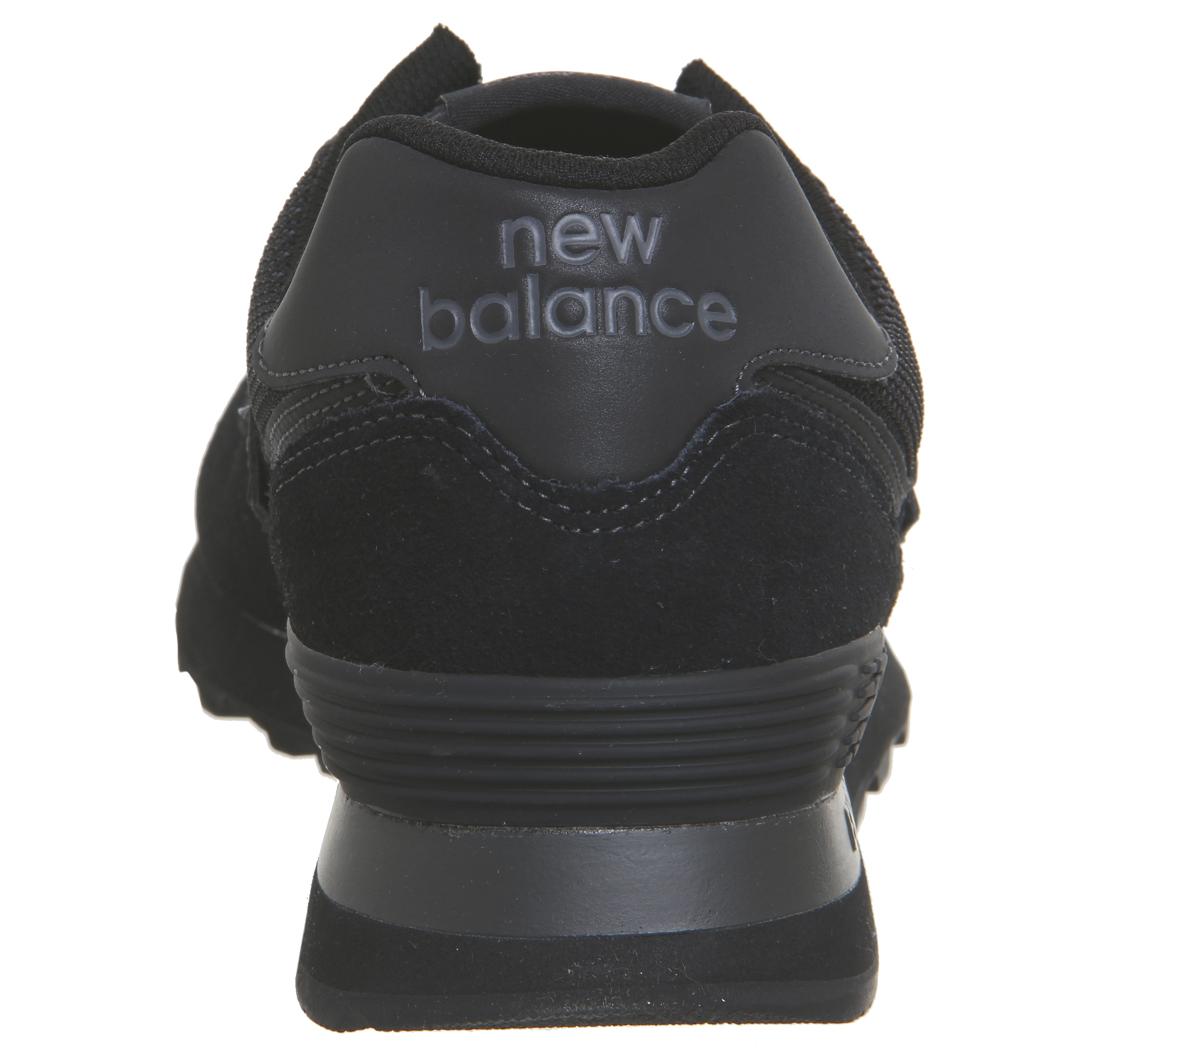 Zapatillas 574 New Balance negras Zapatillas Balance negras Zapatillas New New negras 574 qFP1RTWn